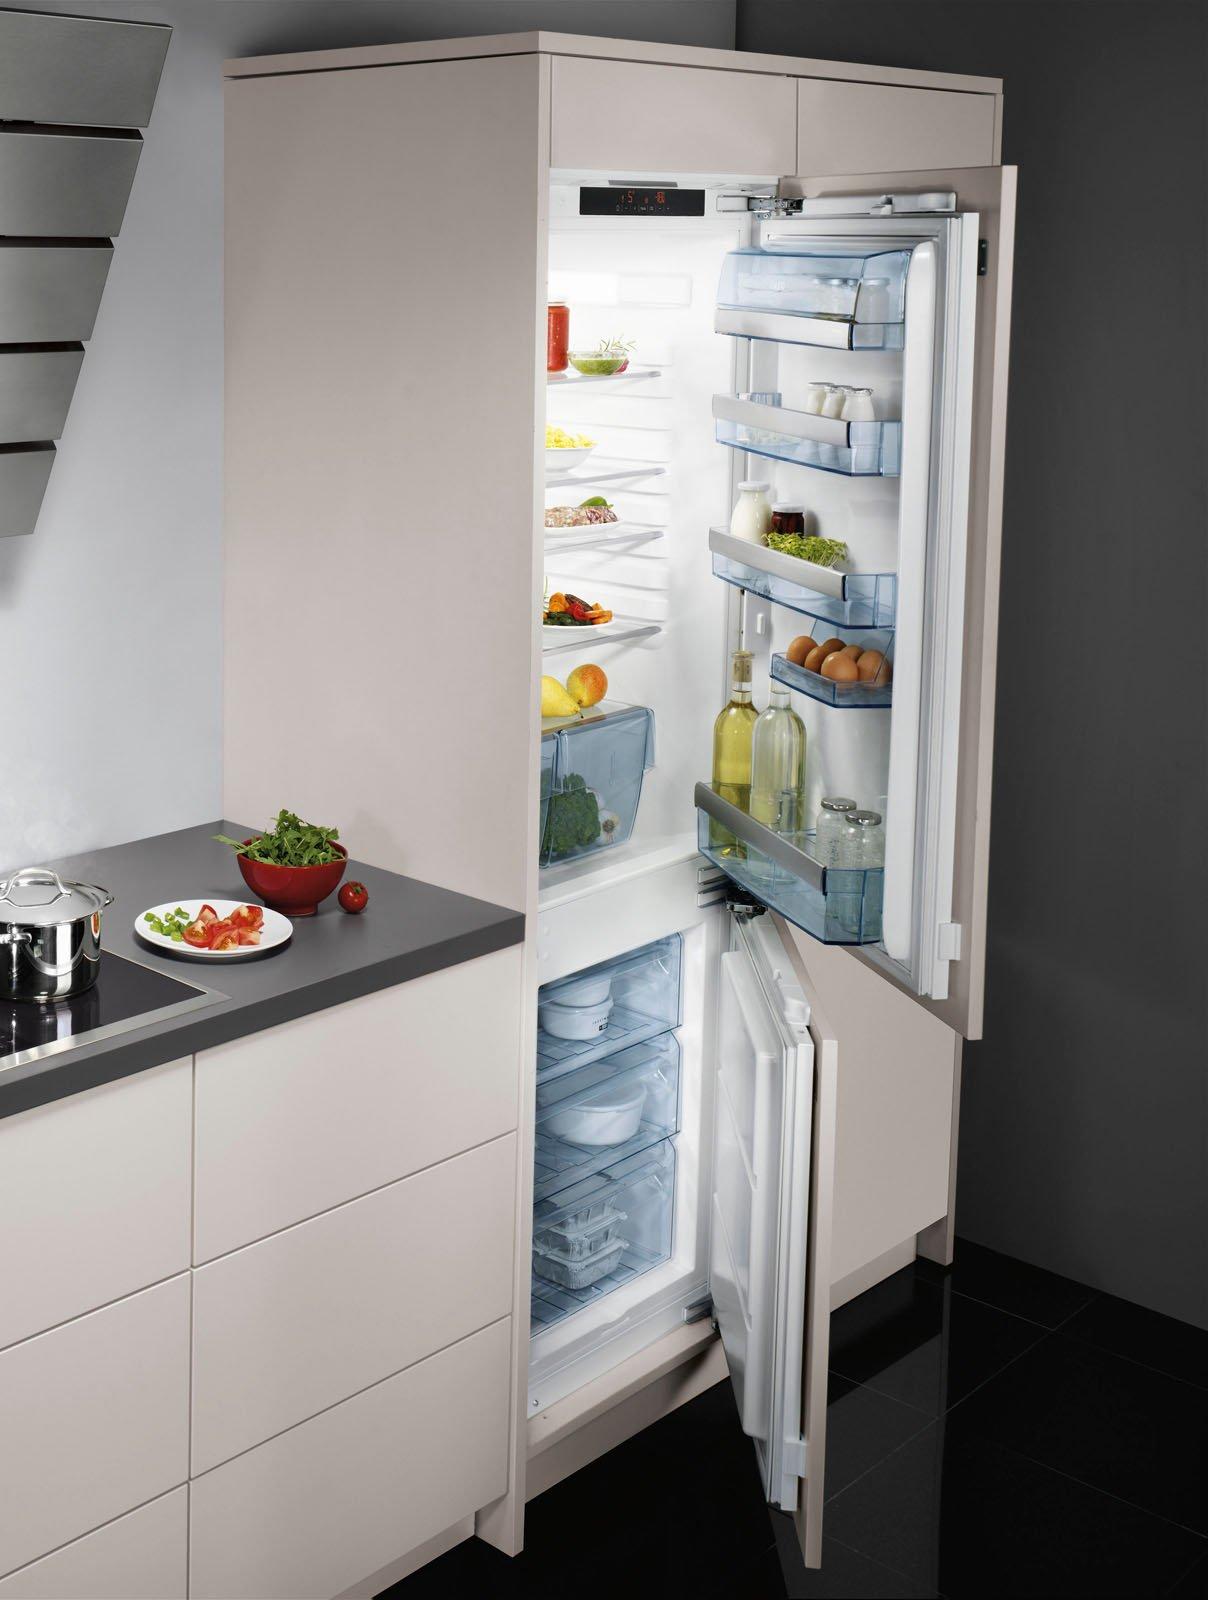 Stunning il combinato door on door da incasso scs f di aeg - Cucina con frigo americano ...